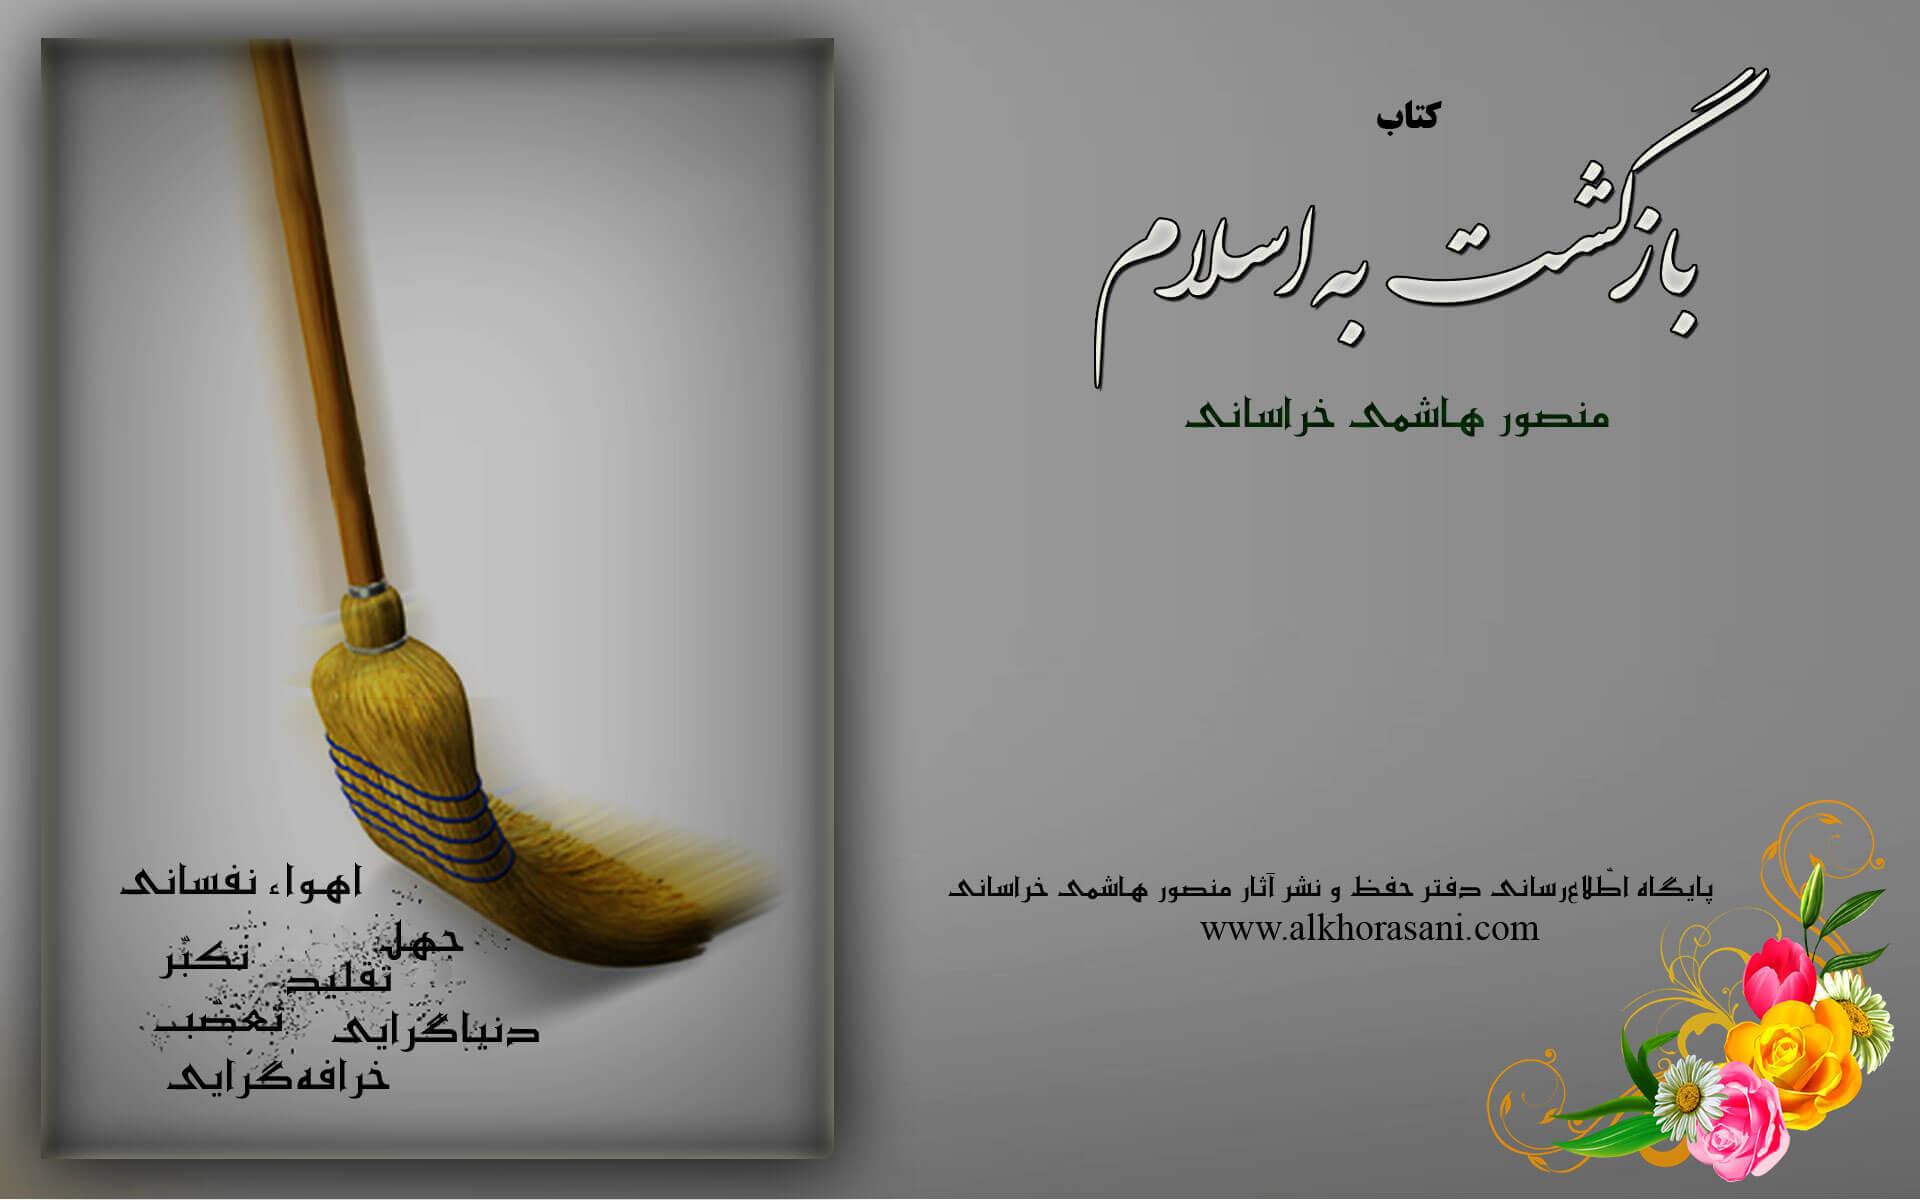 کتاب «بازگشت به اسلام» (12)